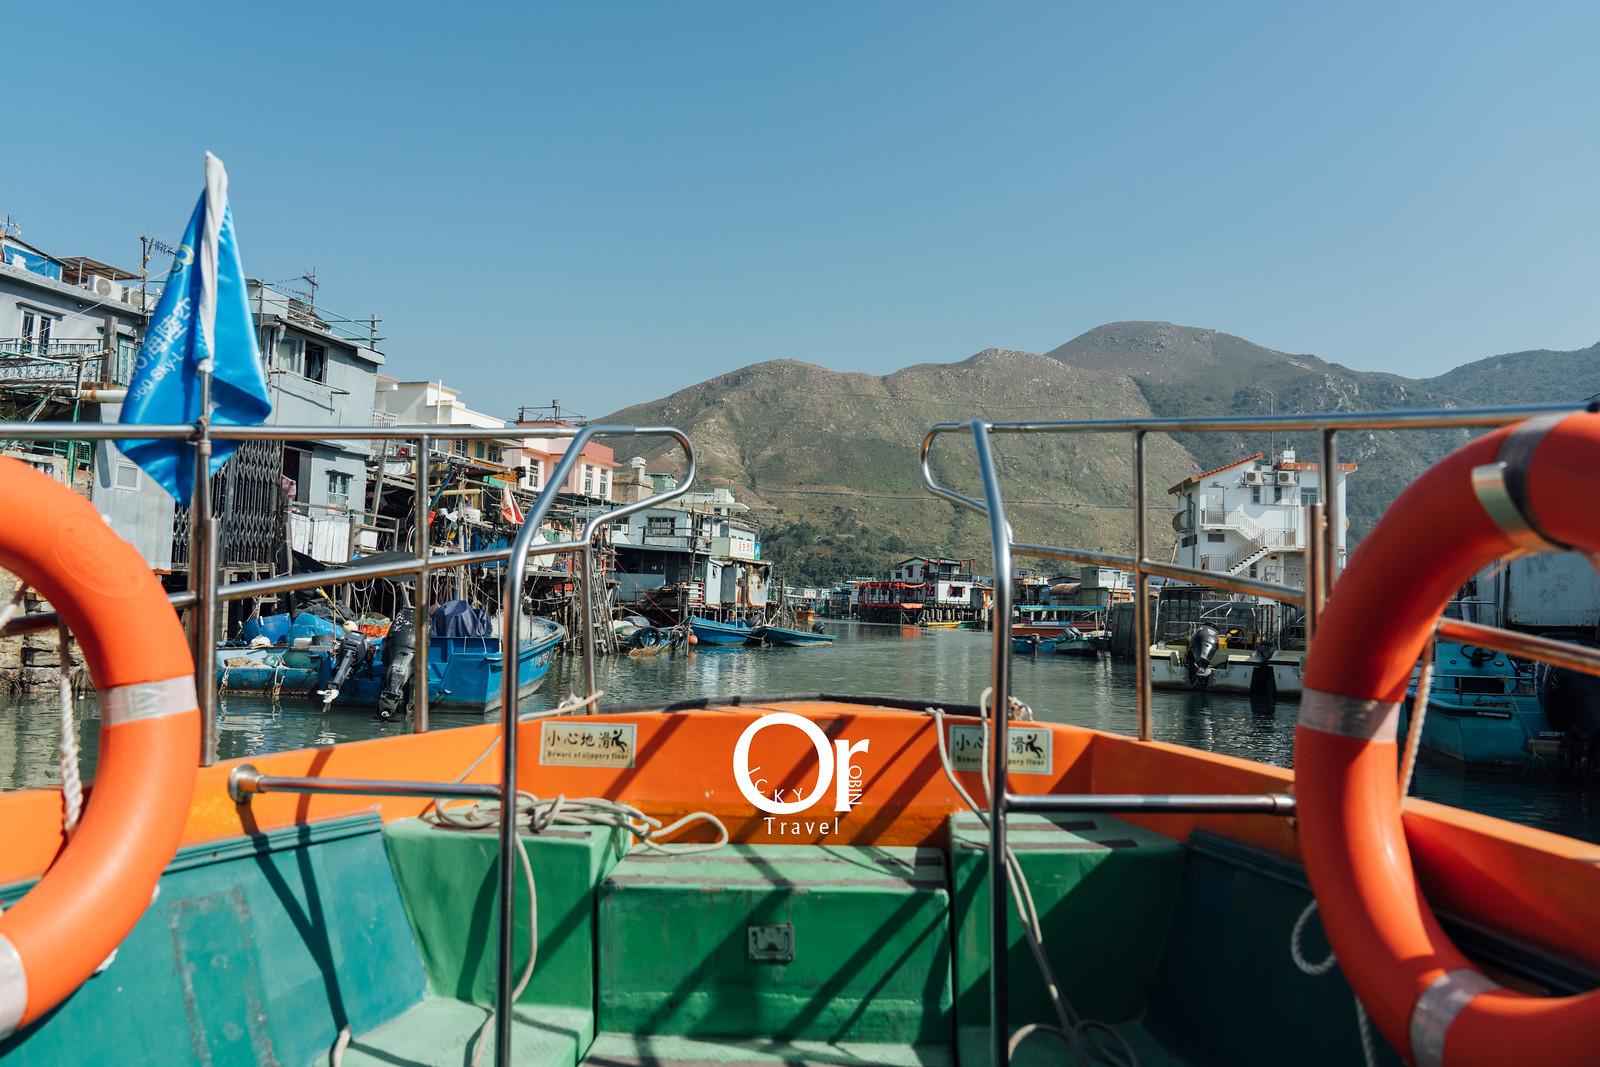 香港景點|大澳漁村,一探香港大嶼山的魅力,獨特的棚屋景觀,搭乘小艇在水道中穿梭回到舊時光吧!